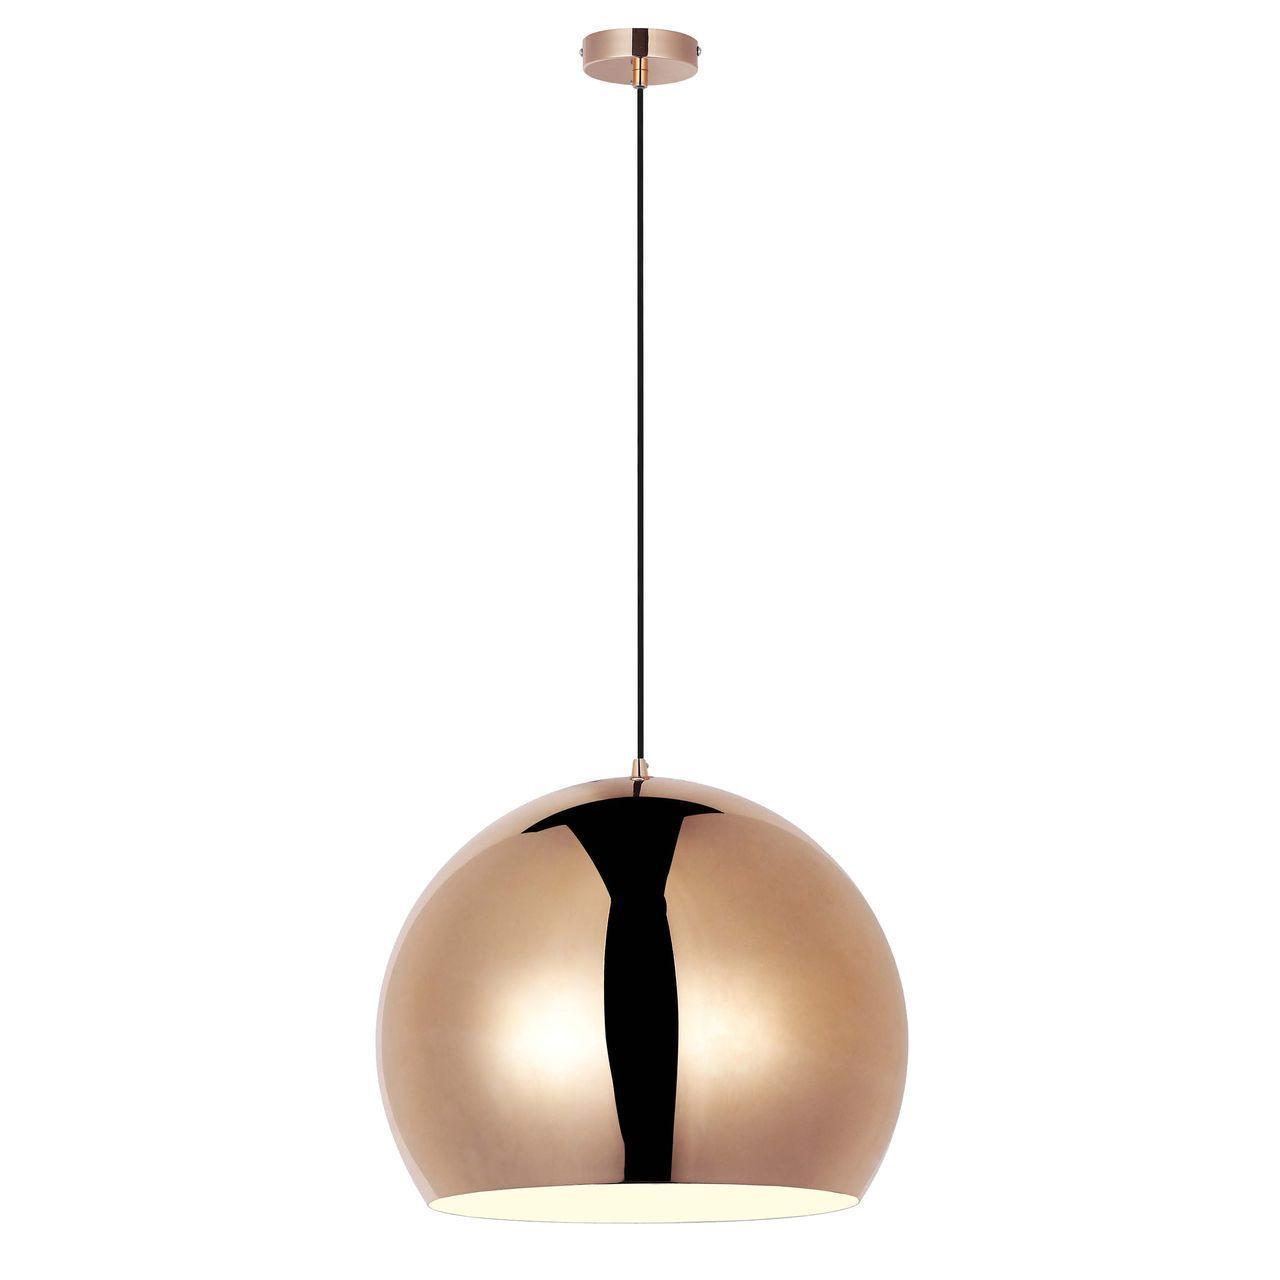 Купить со скидкой Подвесной светильник Spot Light York 1304111